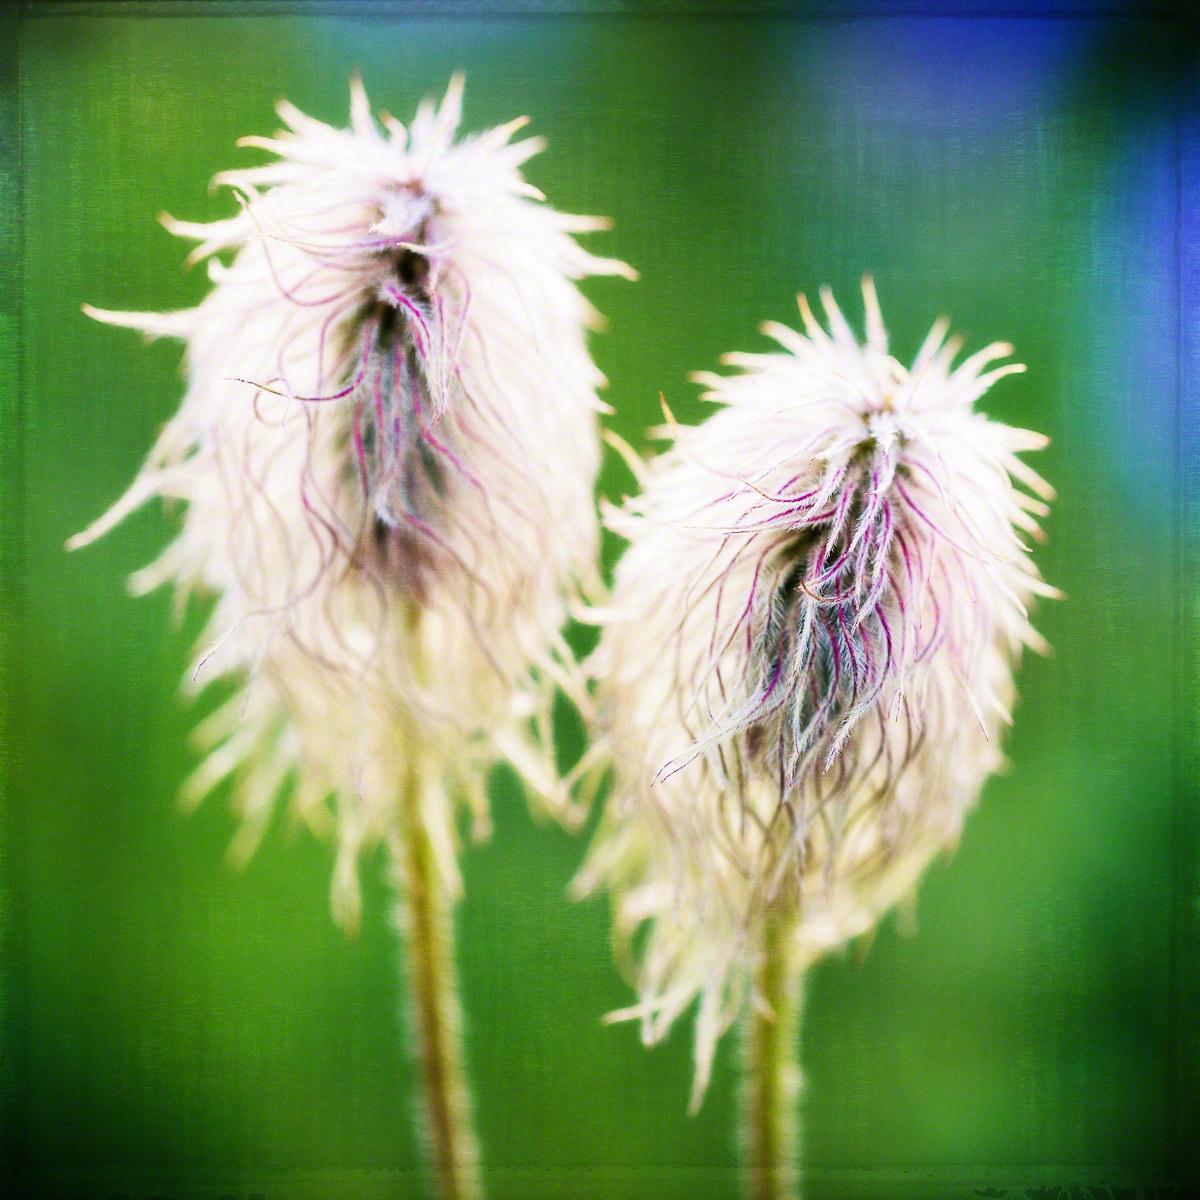 Limpiador de pipas / Fuzzy stick flores | Arte al arte